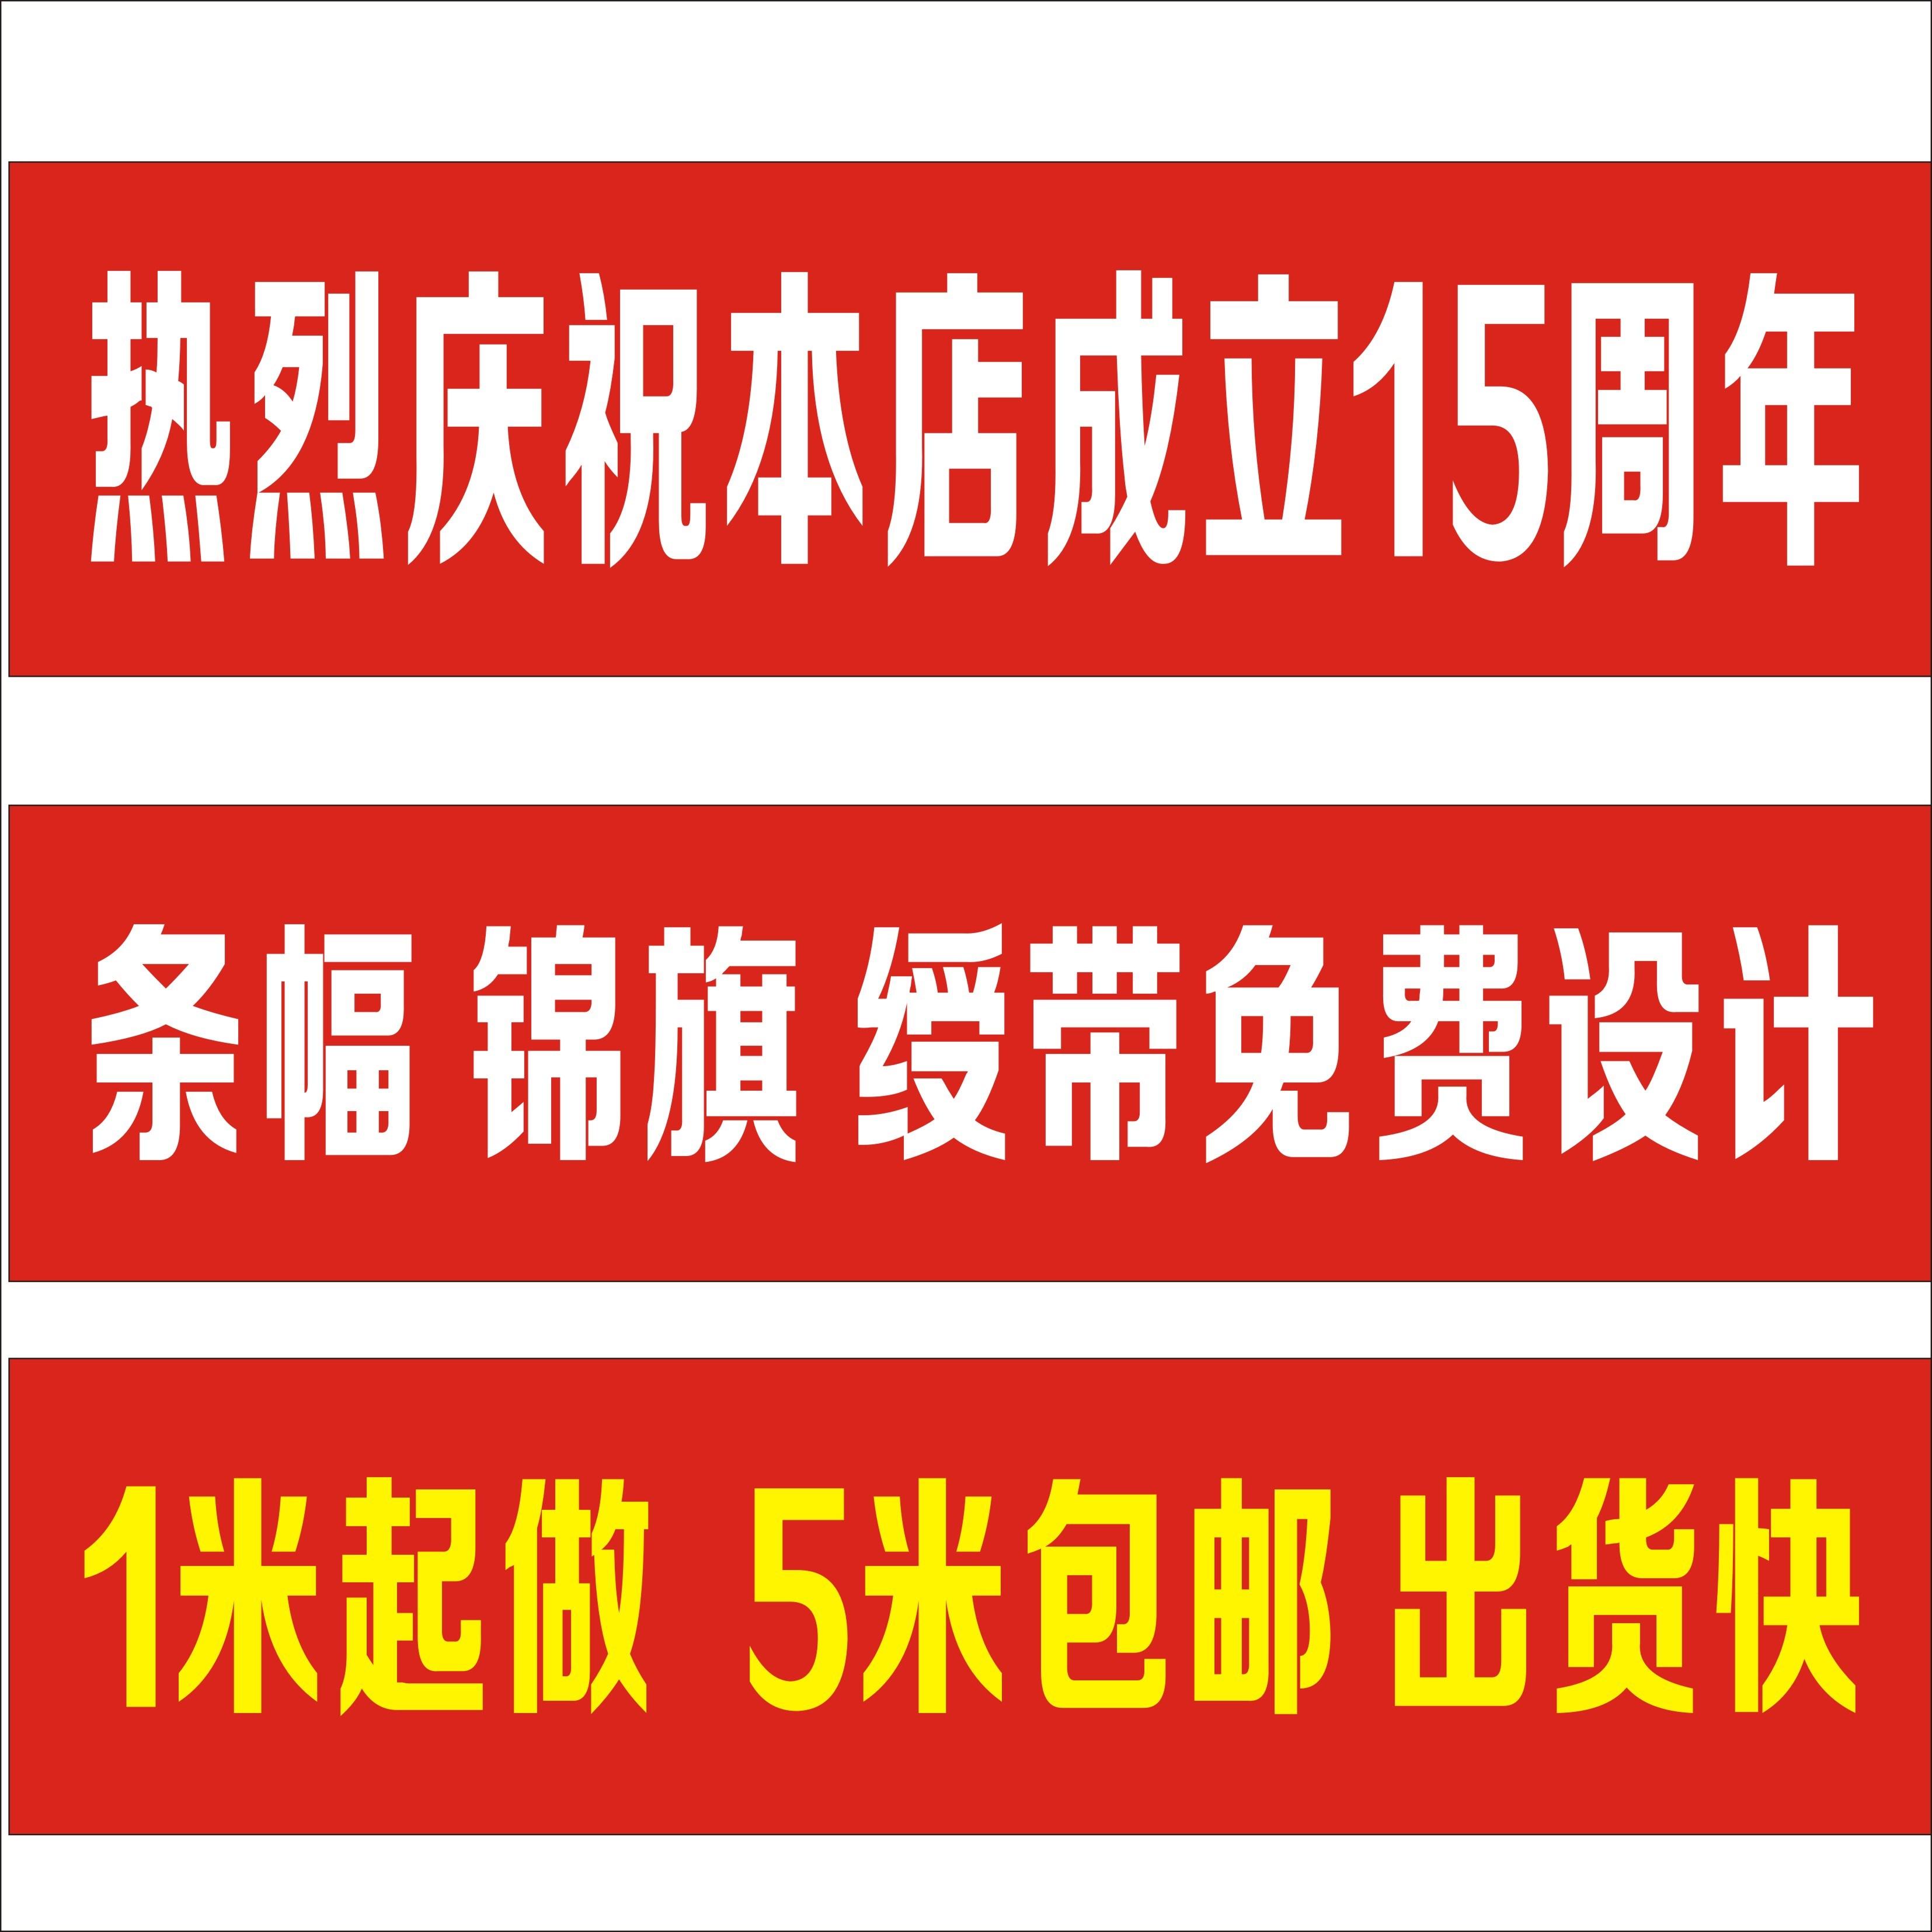 标语v标语条幅灯芯横幅手拉红色布标彩色开业店庆竖幅议广告贷款玻璃纤维海报绳图片